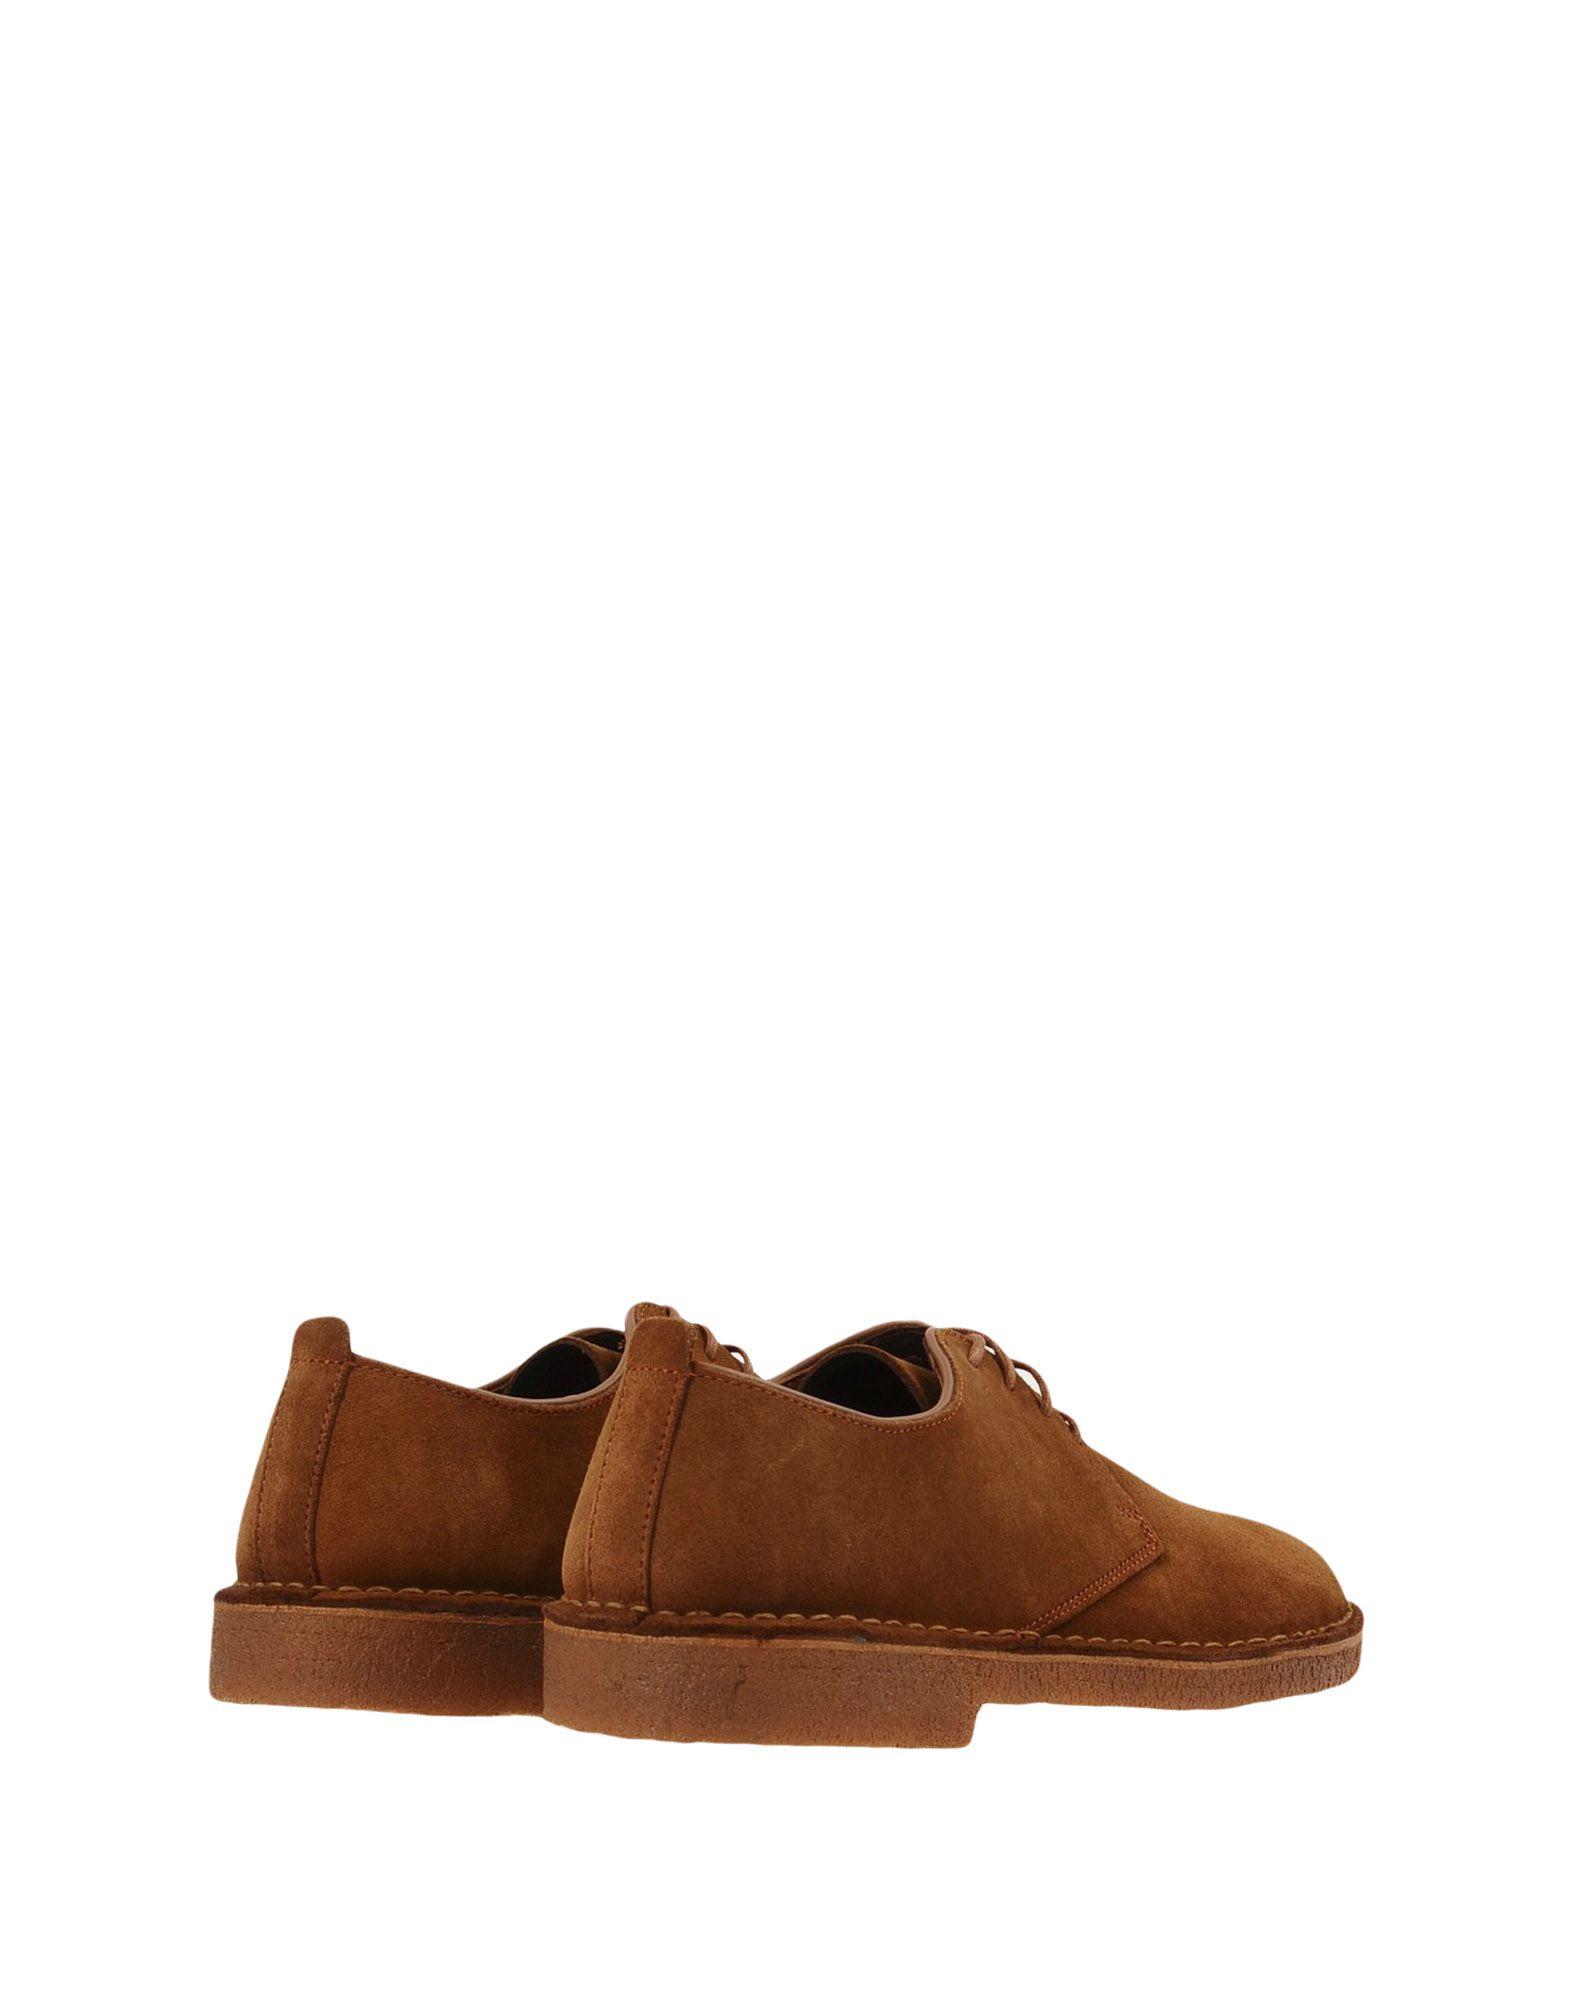 Chaussures À Lacets Clarks Homme - Chaussures À Lacets Clarks sur